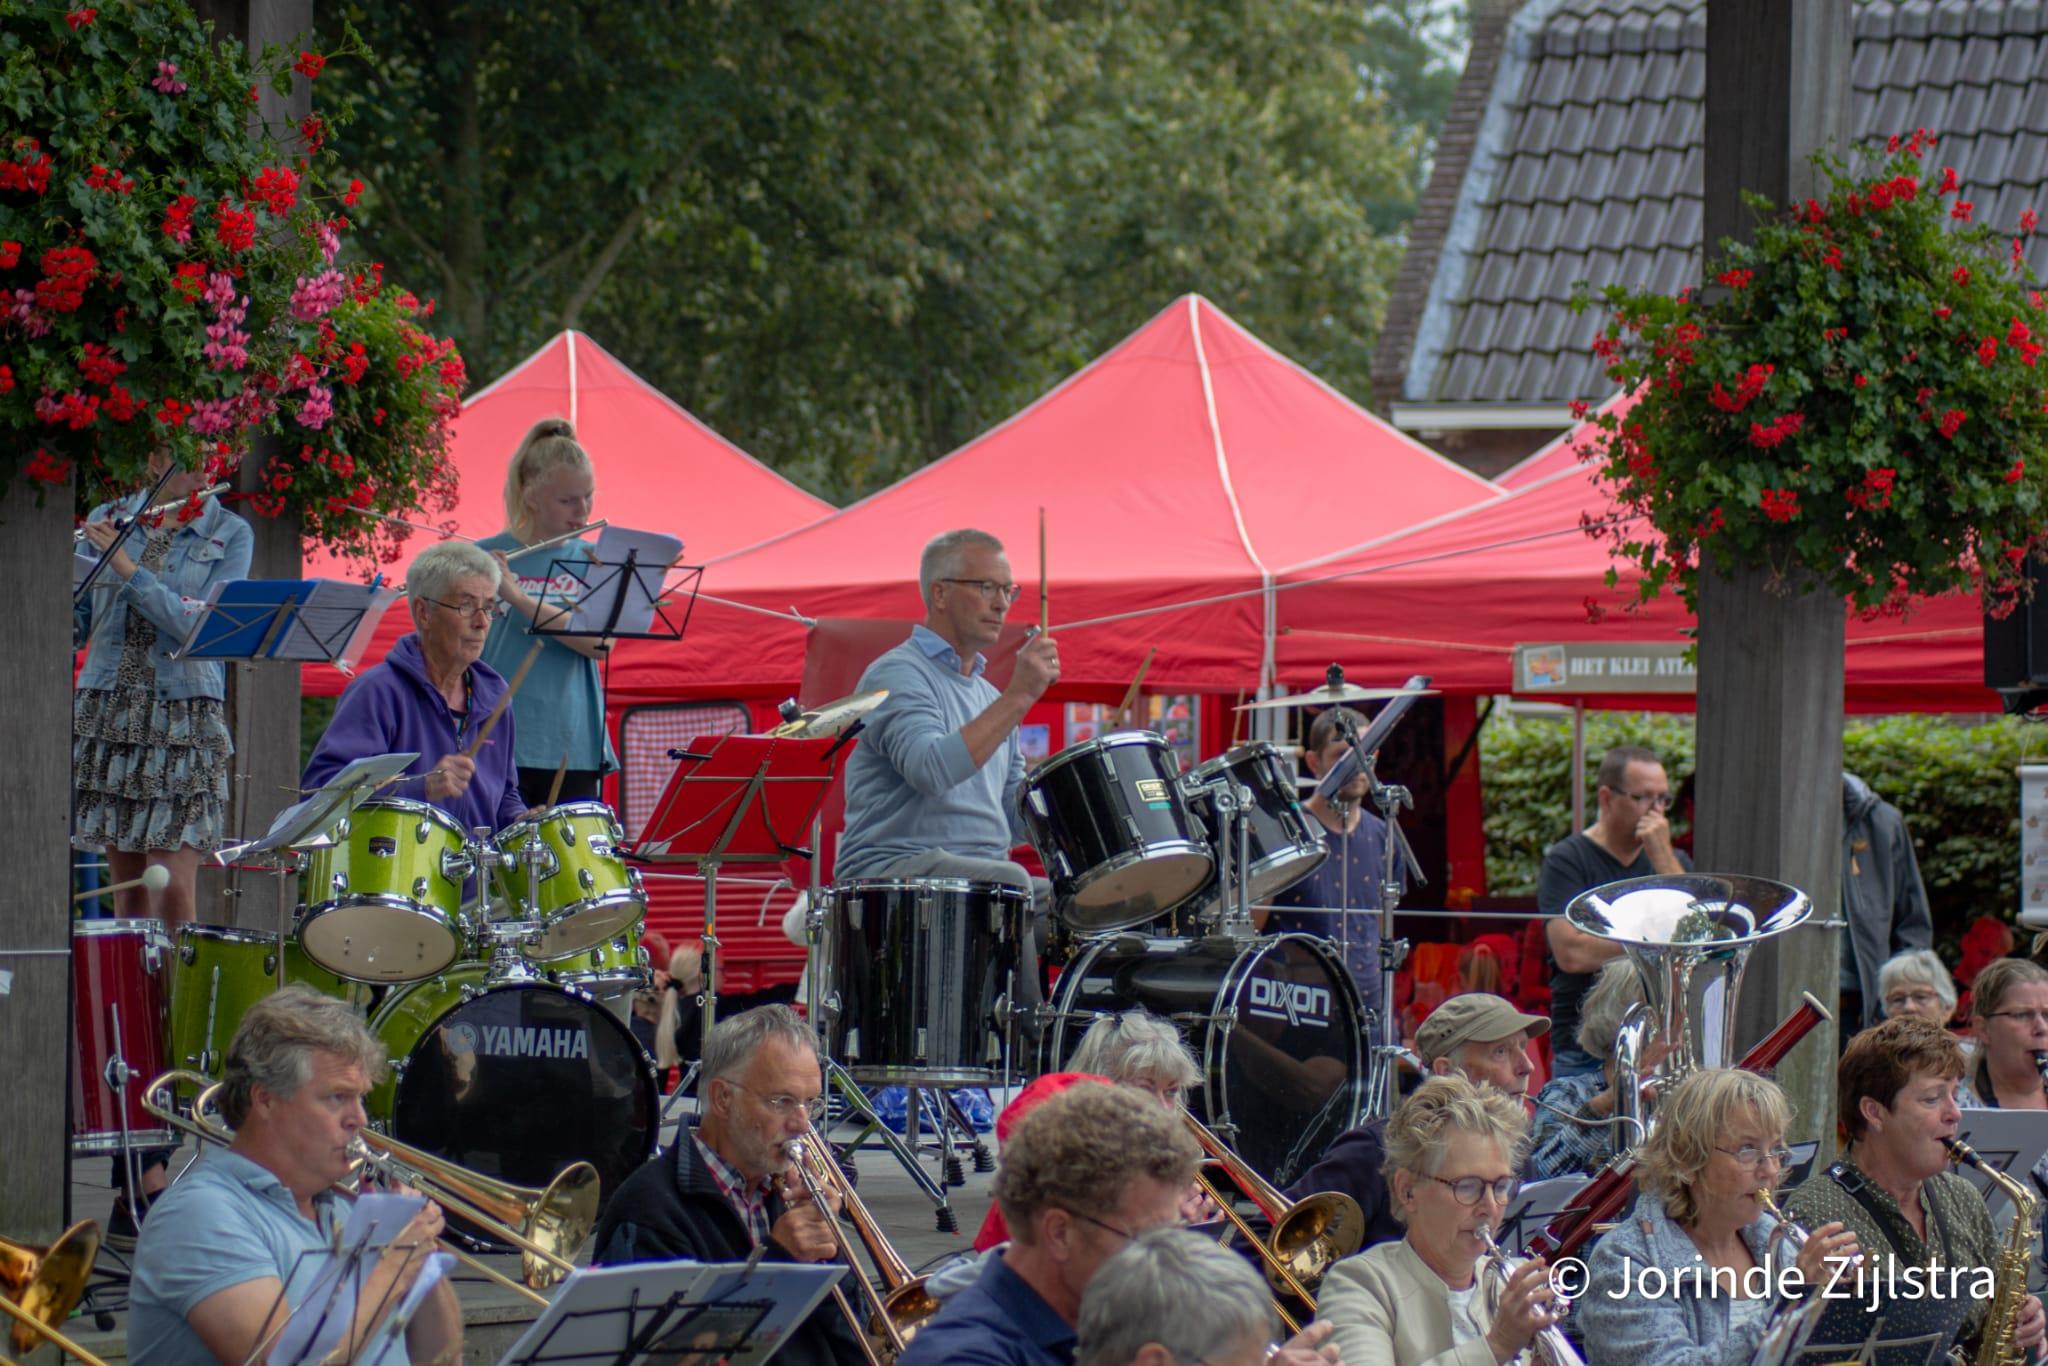 Wijkorkest Camminghaburen, Heechterp en Schieringen - Over de Drempel